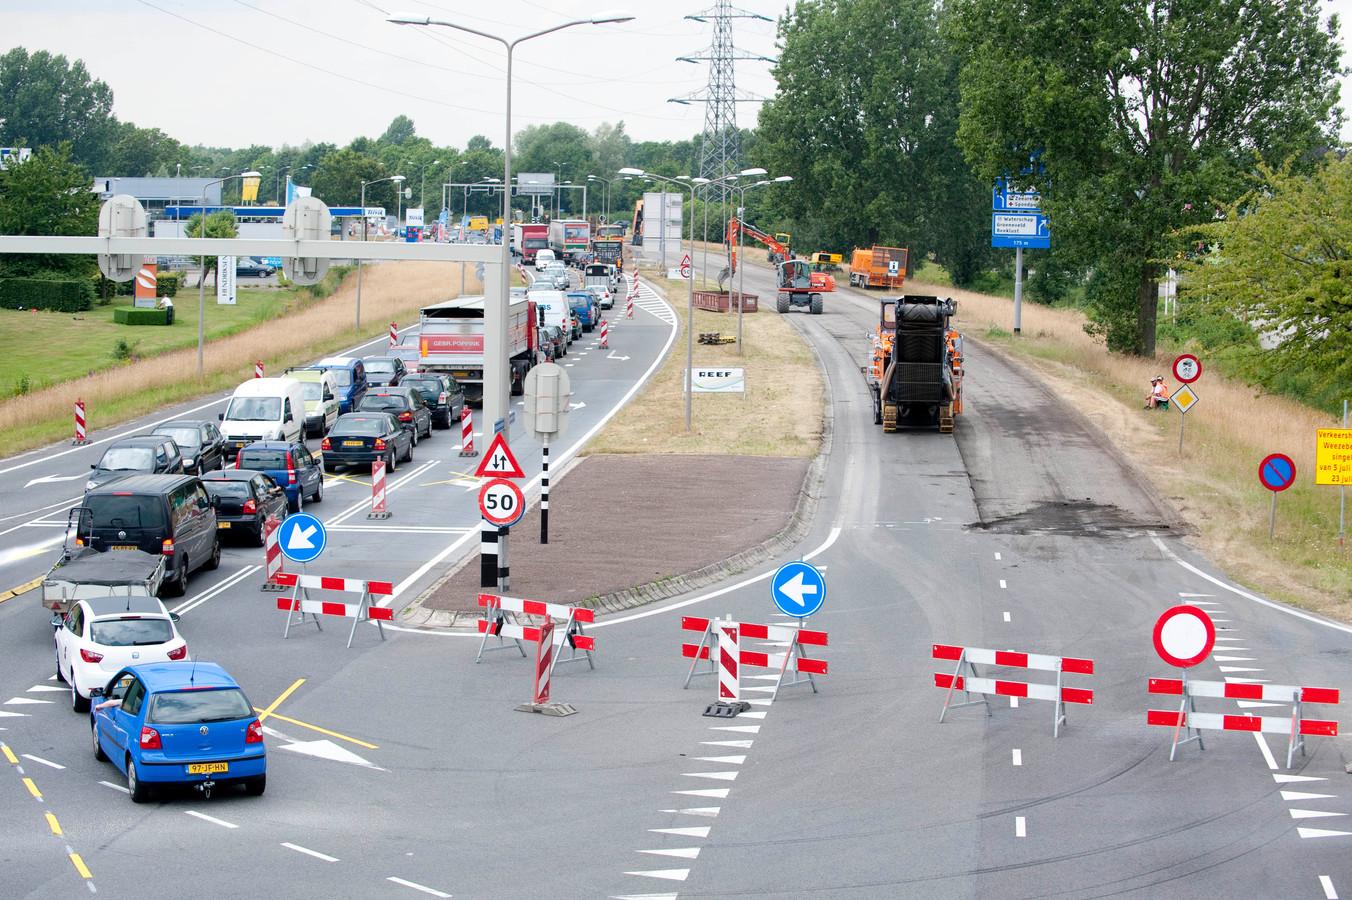 De Weezebeeksingel is in het verleden al eens vaker afgesloten voor wegwerkzaamheden, zoals in 2010.